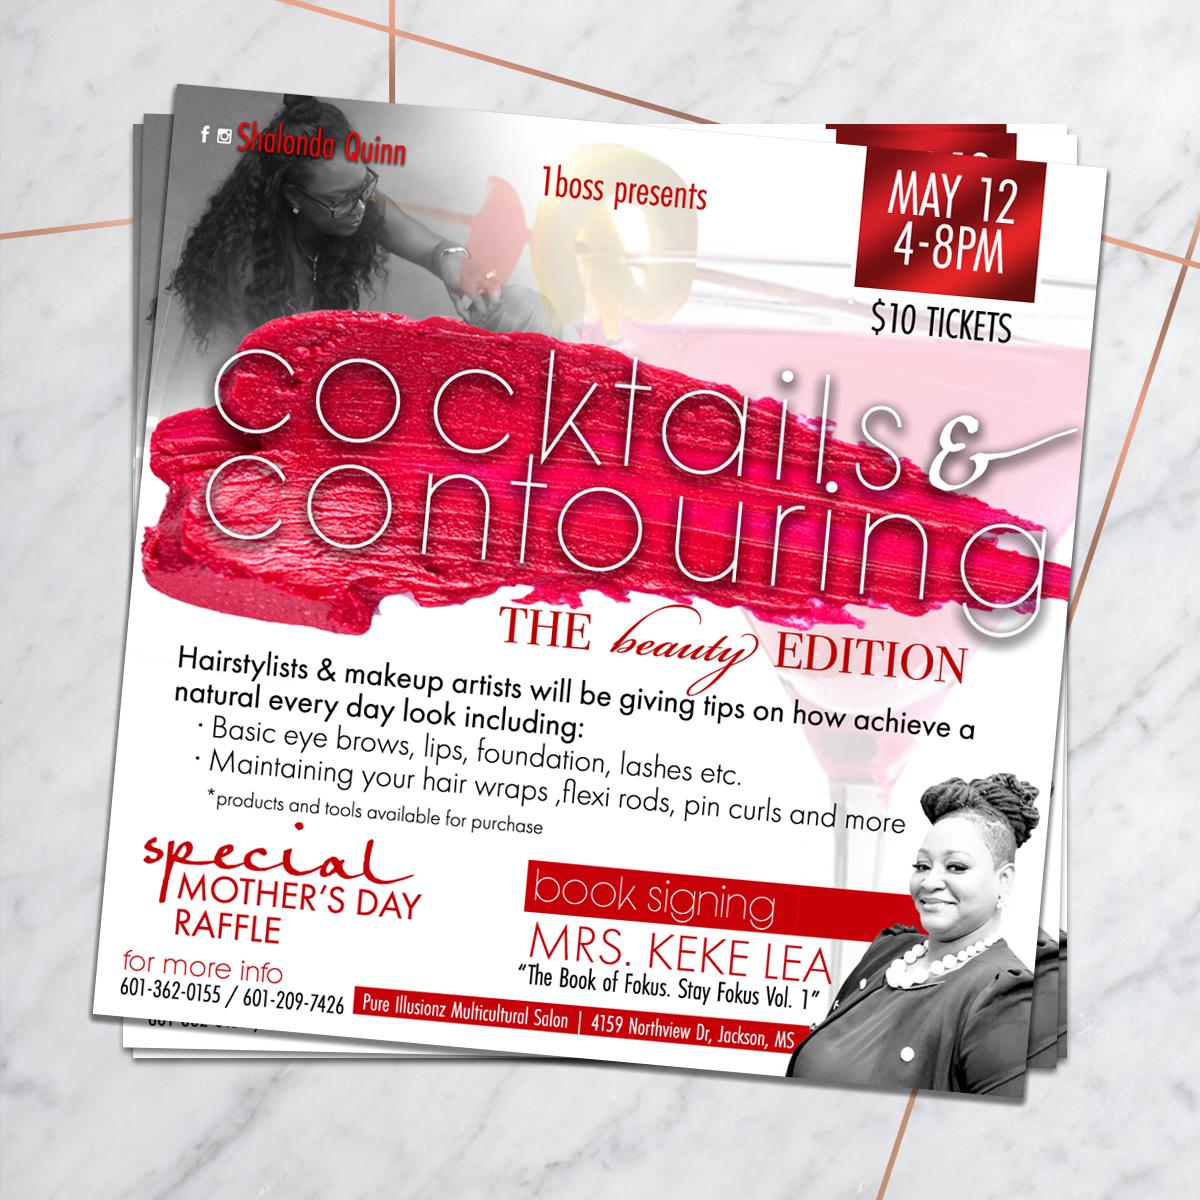 cocktails-contouring-flyer.jpg